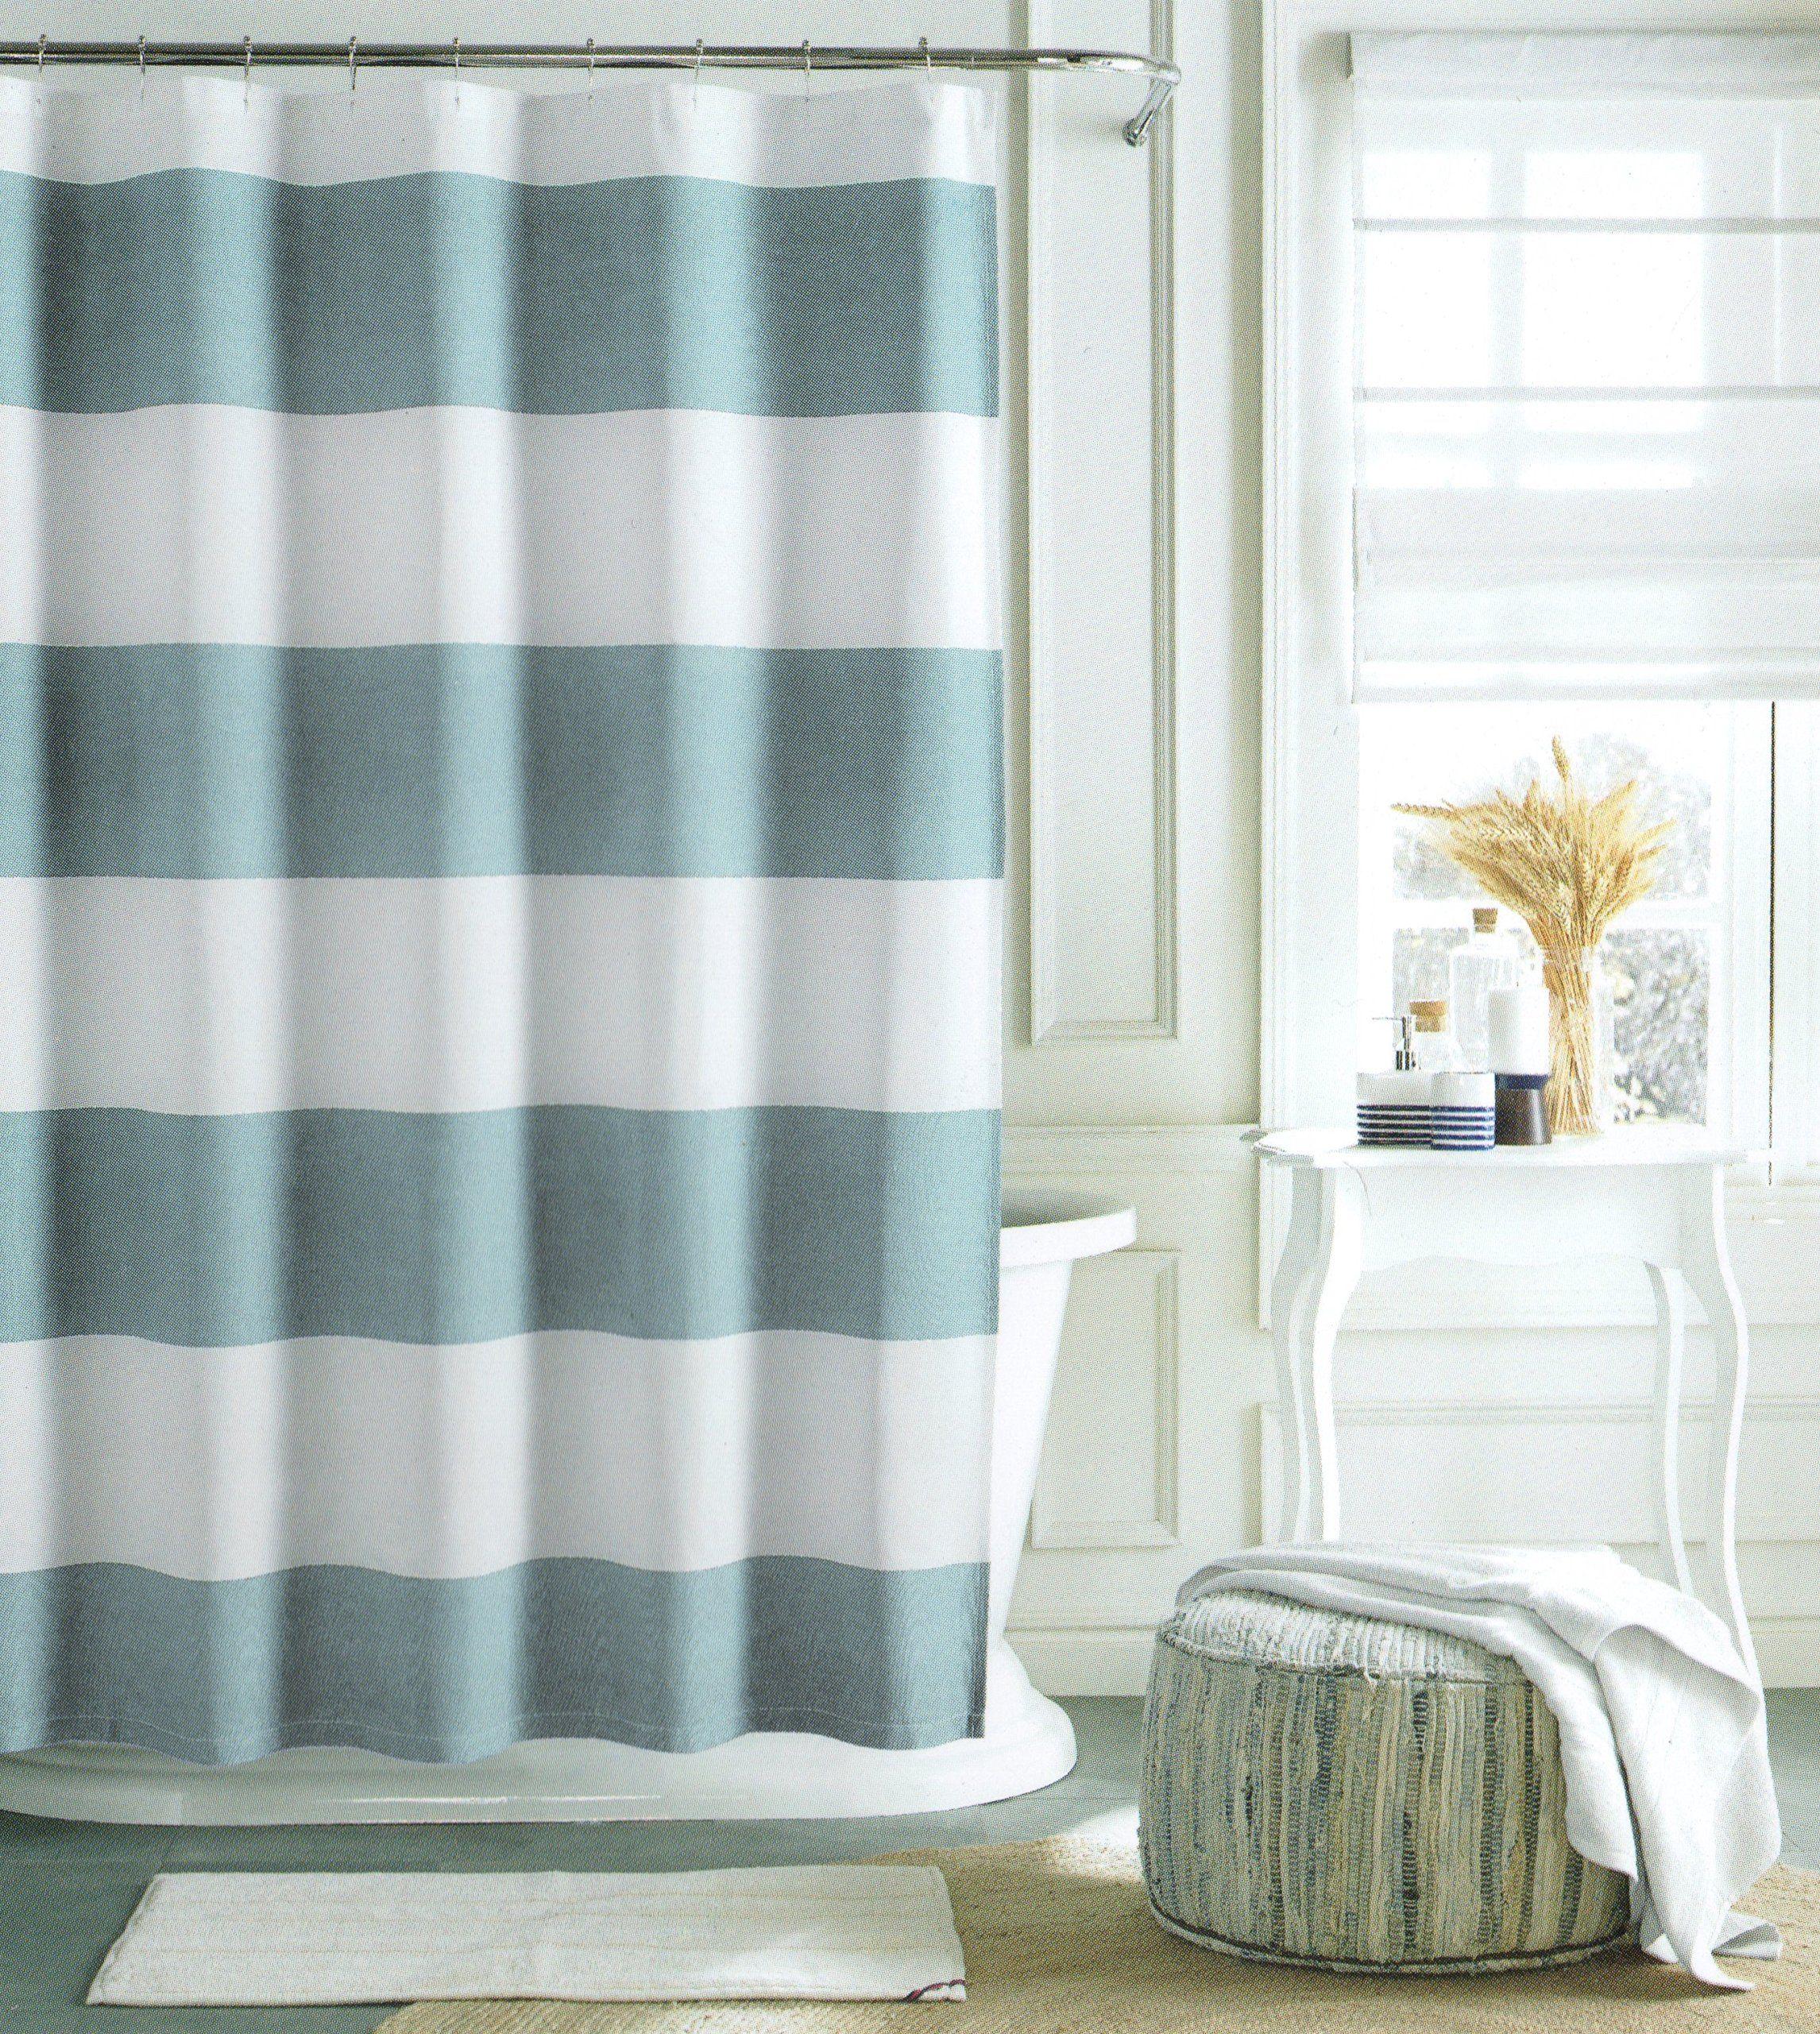 tommy hilfiger cotton shower curtain wide. Black Bedroom Furniture Sets. Home Design Ideas